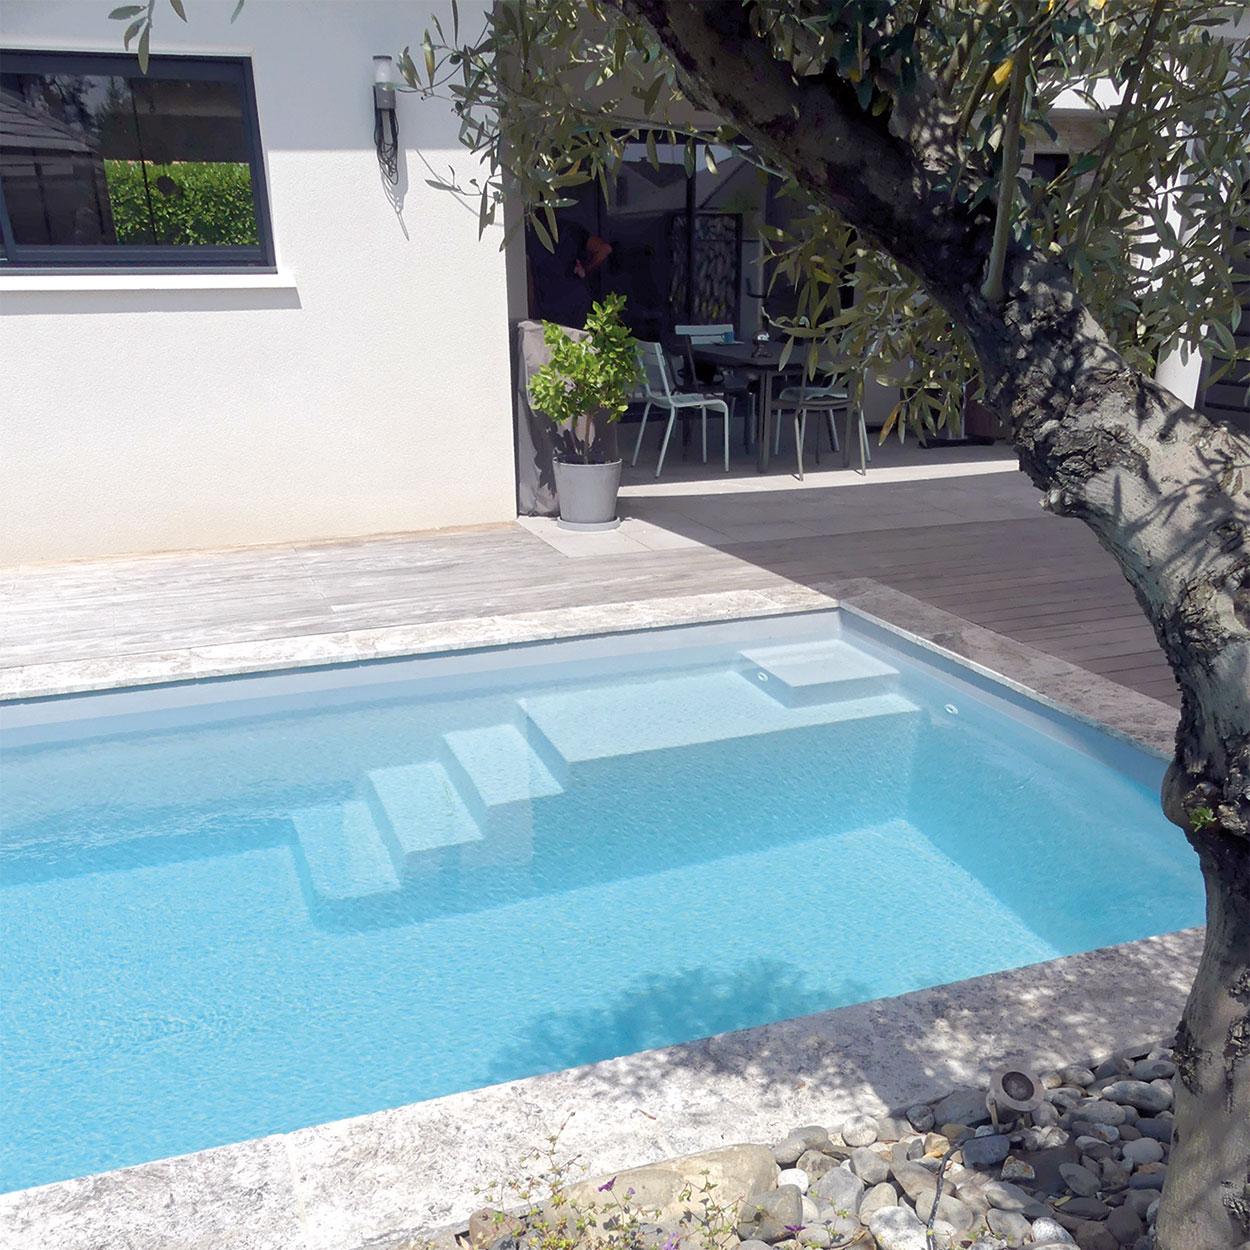 realisation-piscine-coque-couloir-de-nage-1 Modèle Couloir de nage